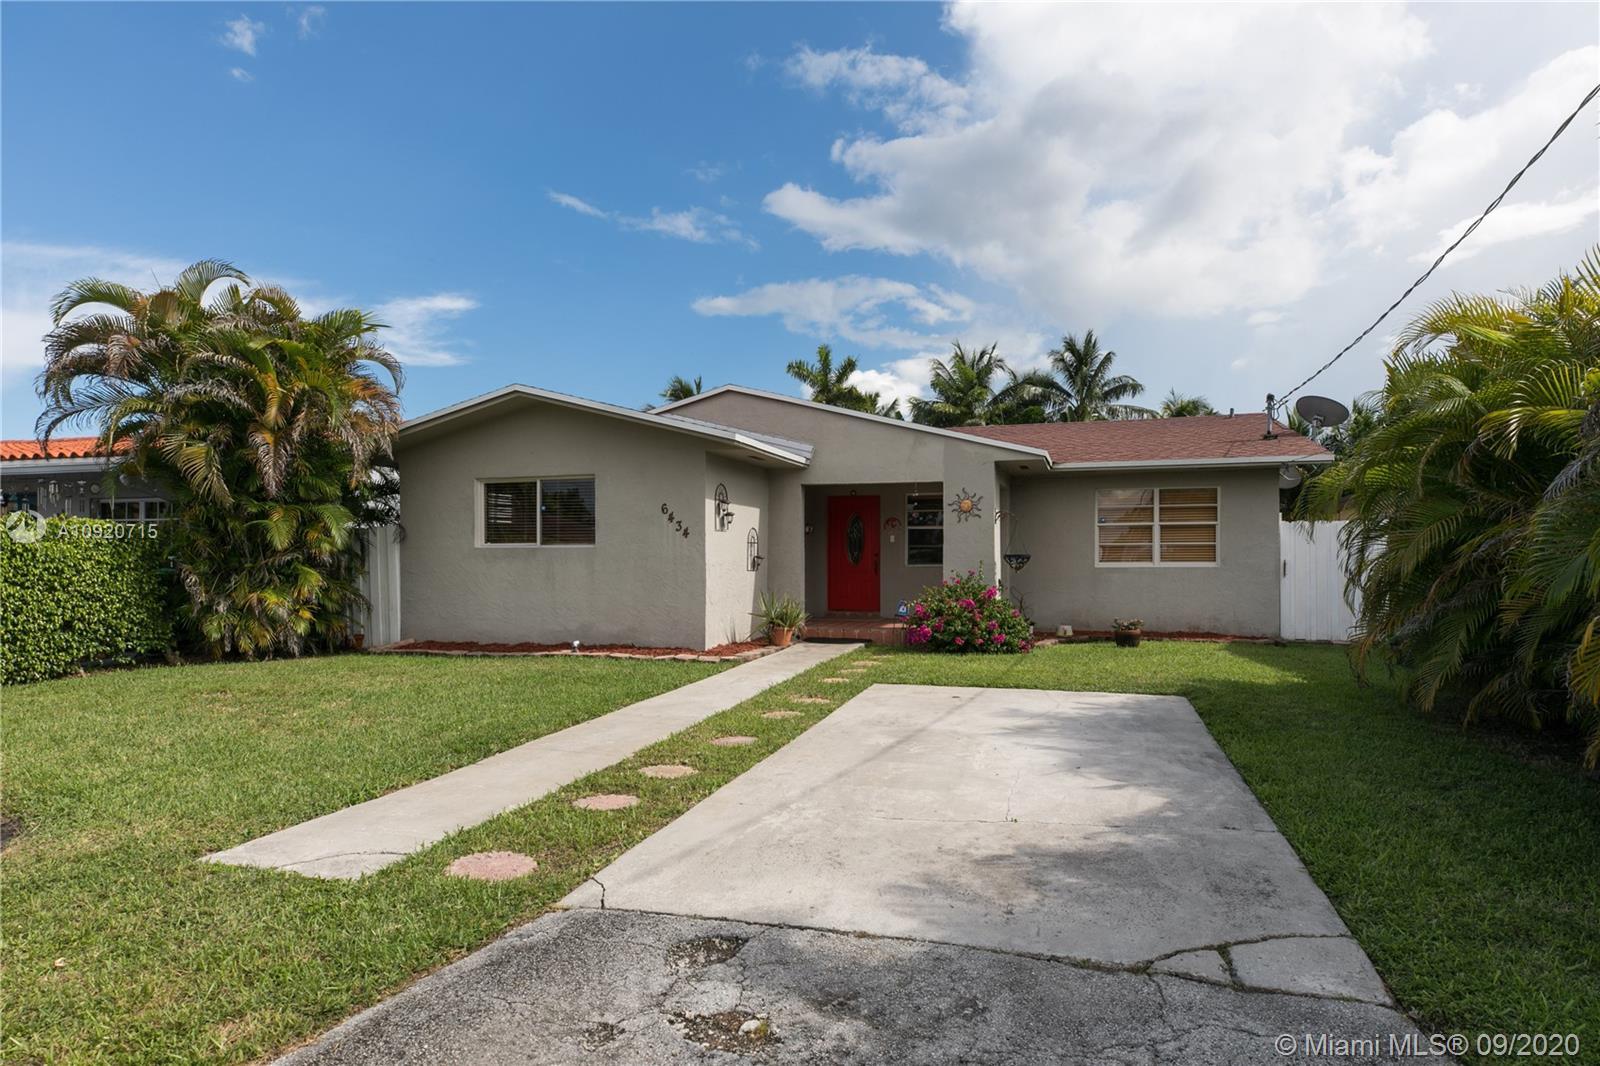 Coral Villas - 6434 SW 30th St, Miami, FL 33155